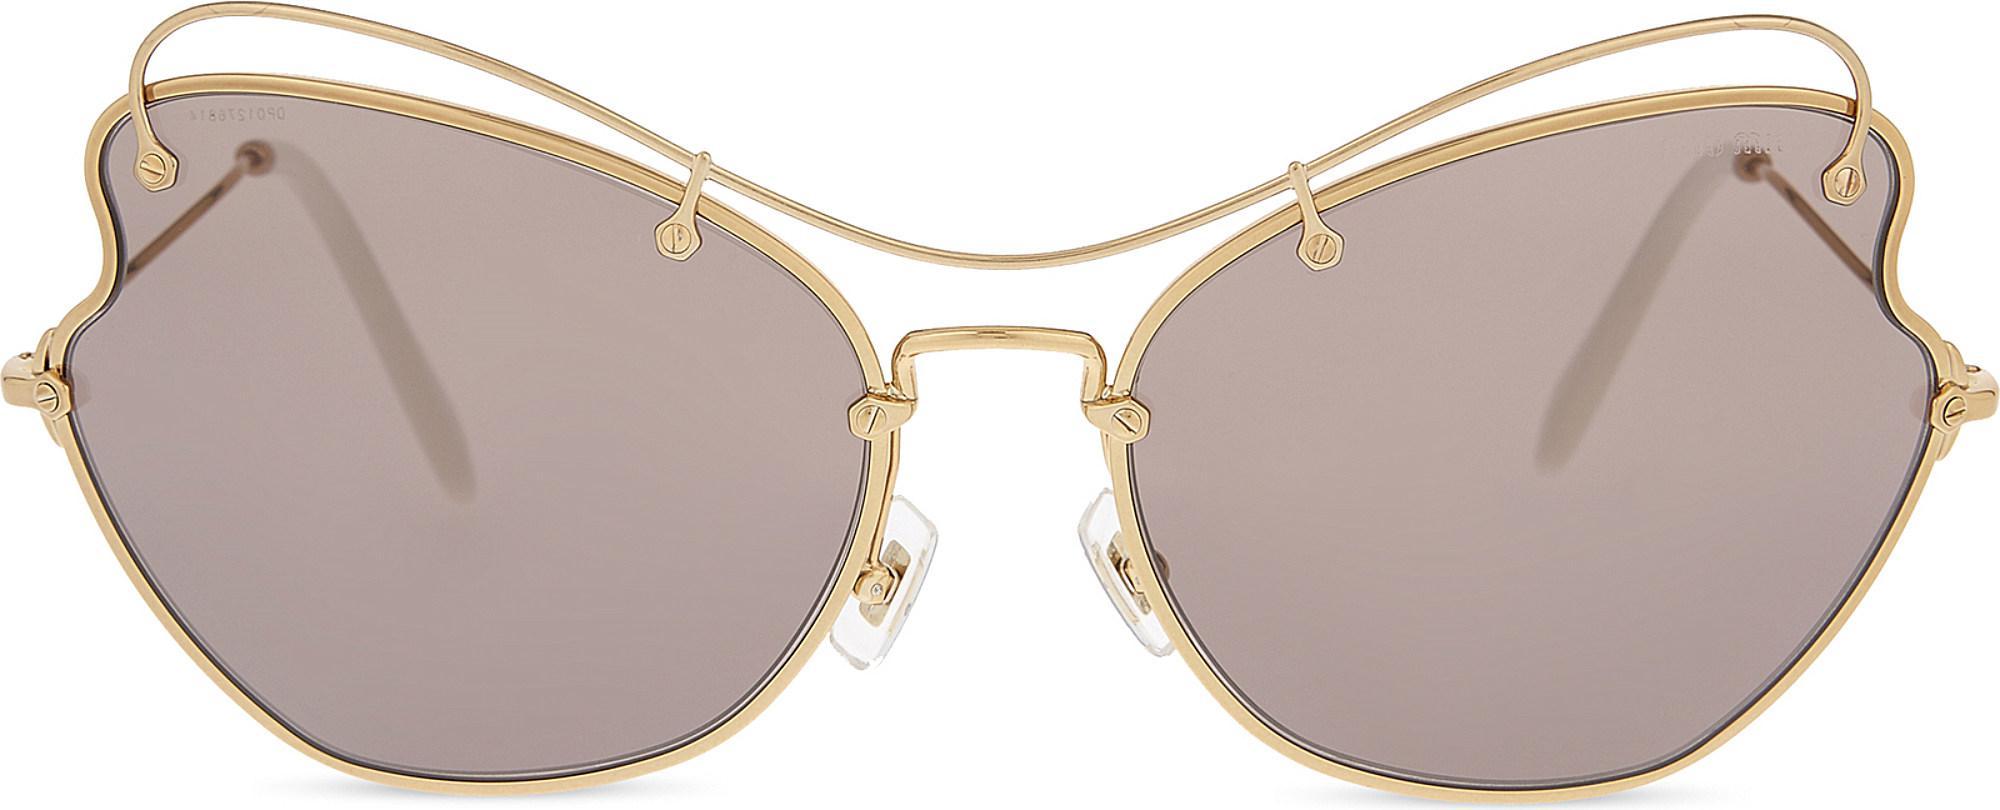 002b0382e0b Lyst - Miu Miu Mu56rs Scenique Butterfly-frame Sunglasses in Metallic